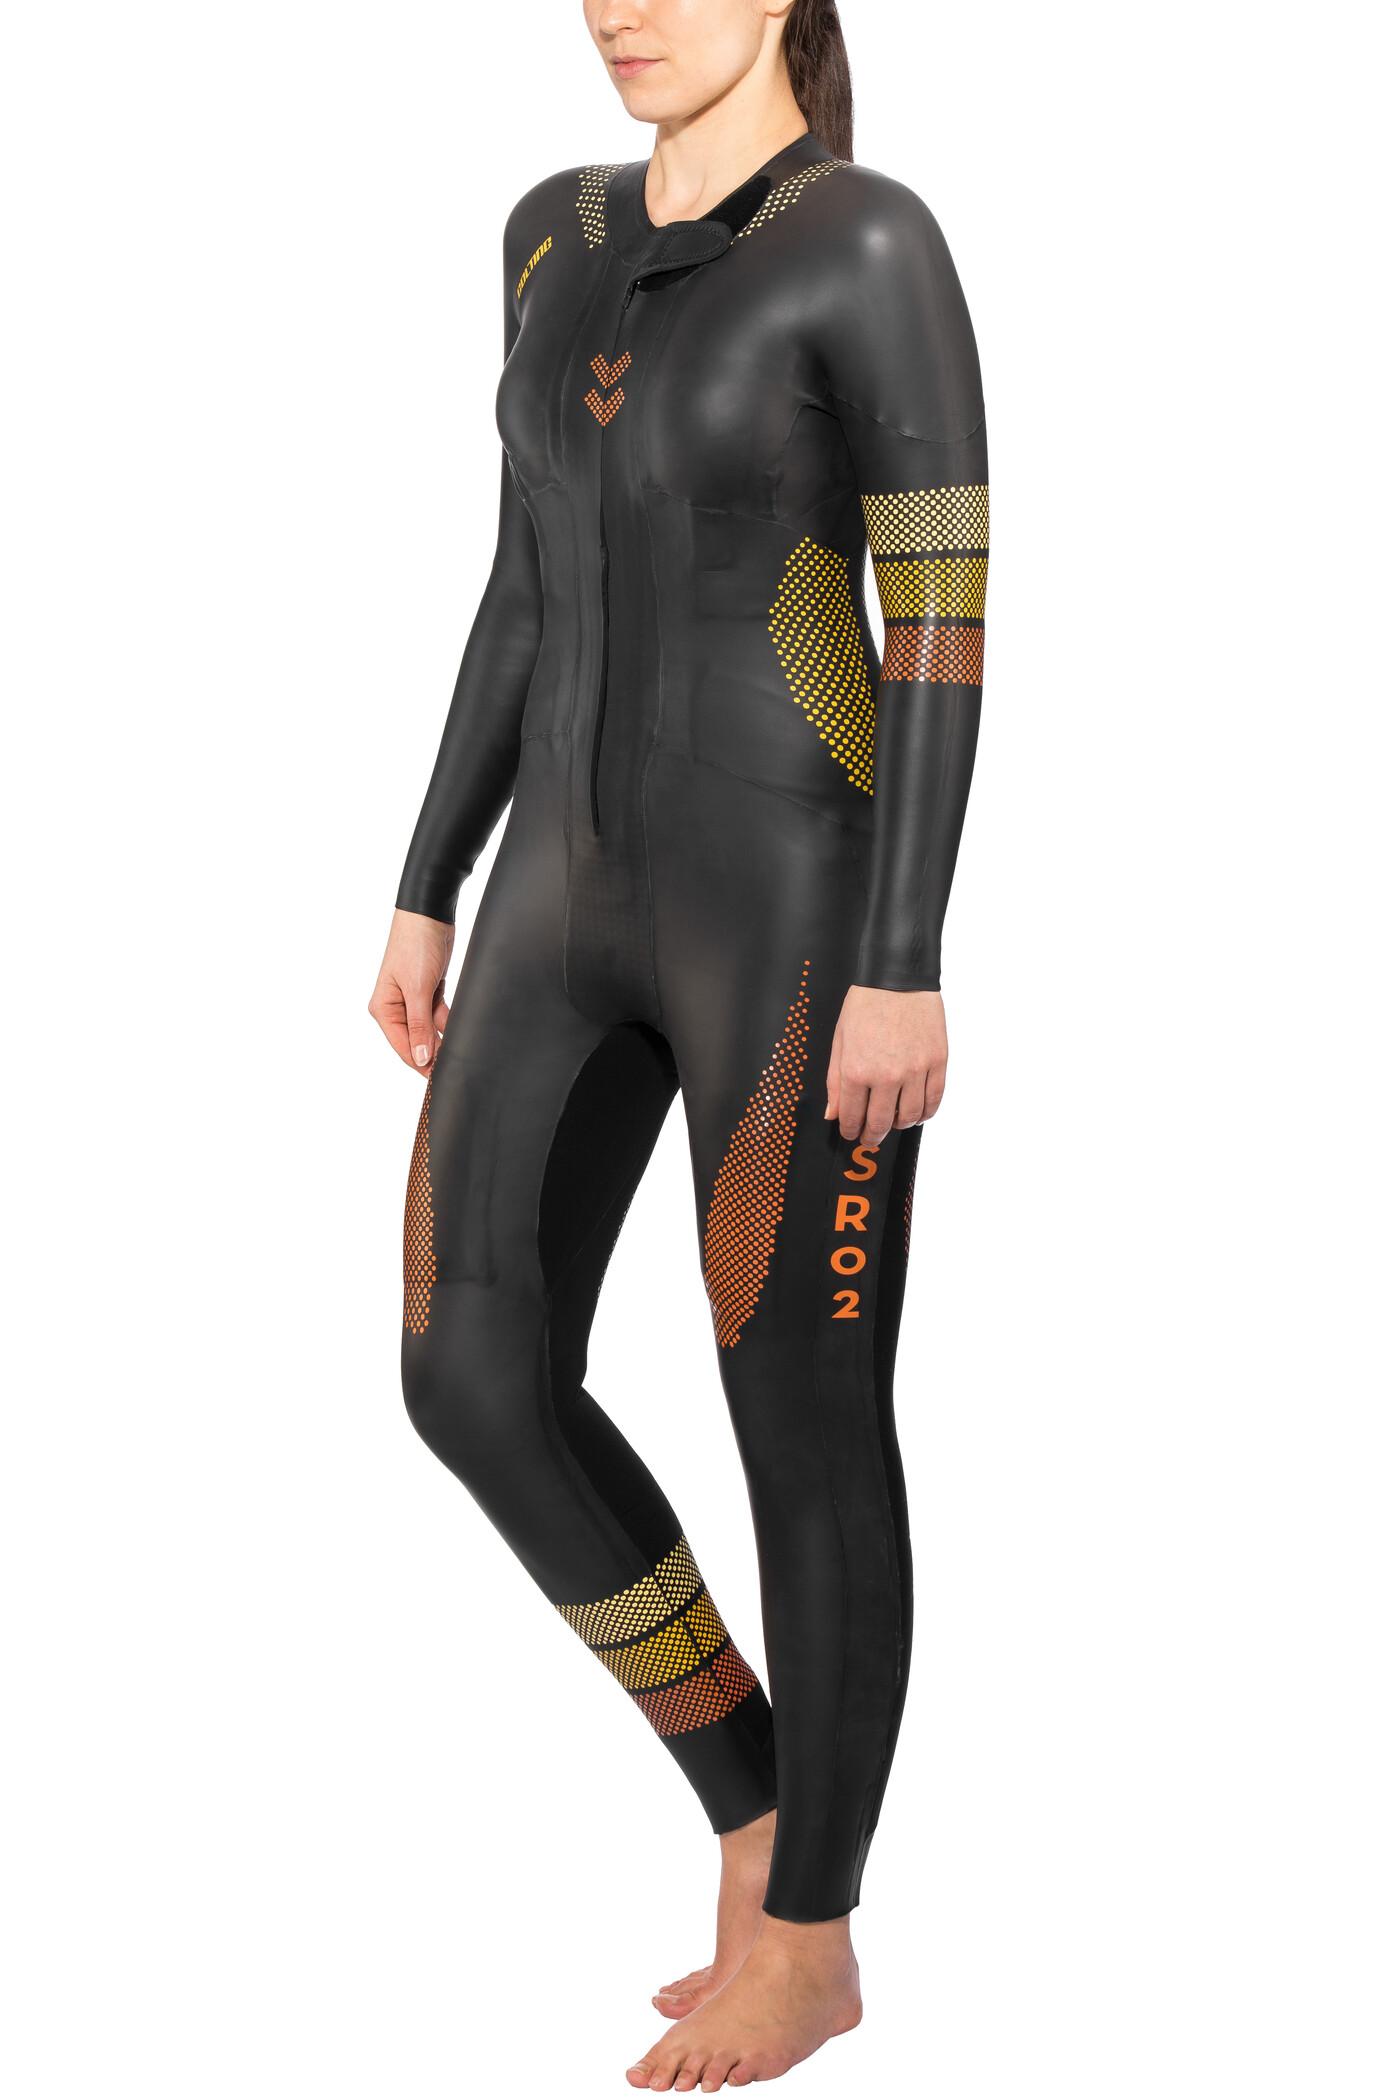 Colting Wetsuits SR02 Våddragt Damer, black | swim_clothes